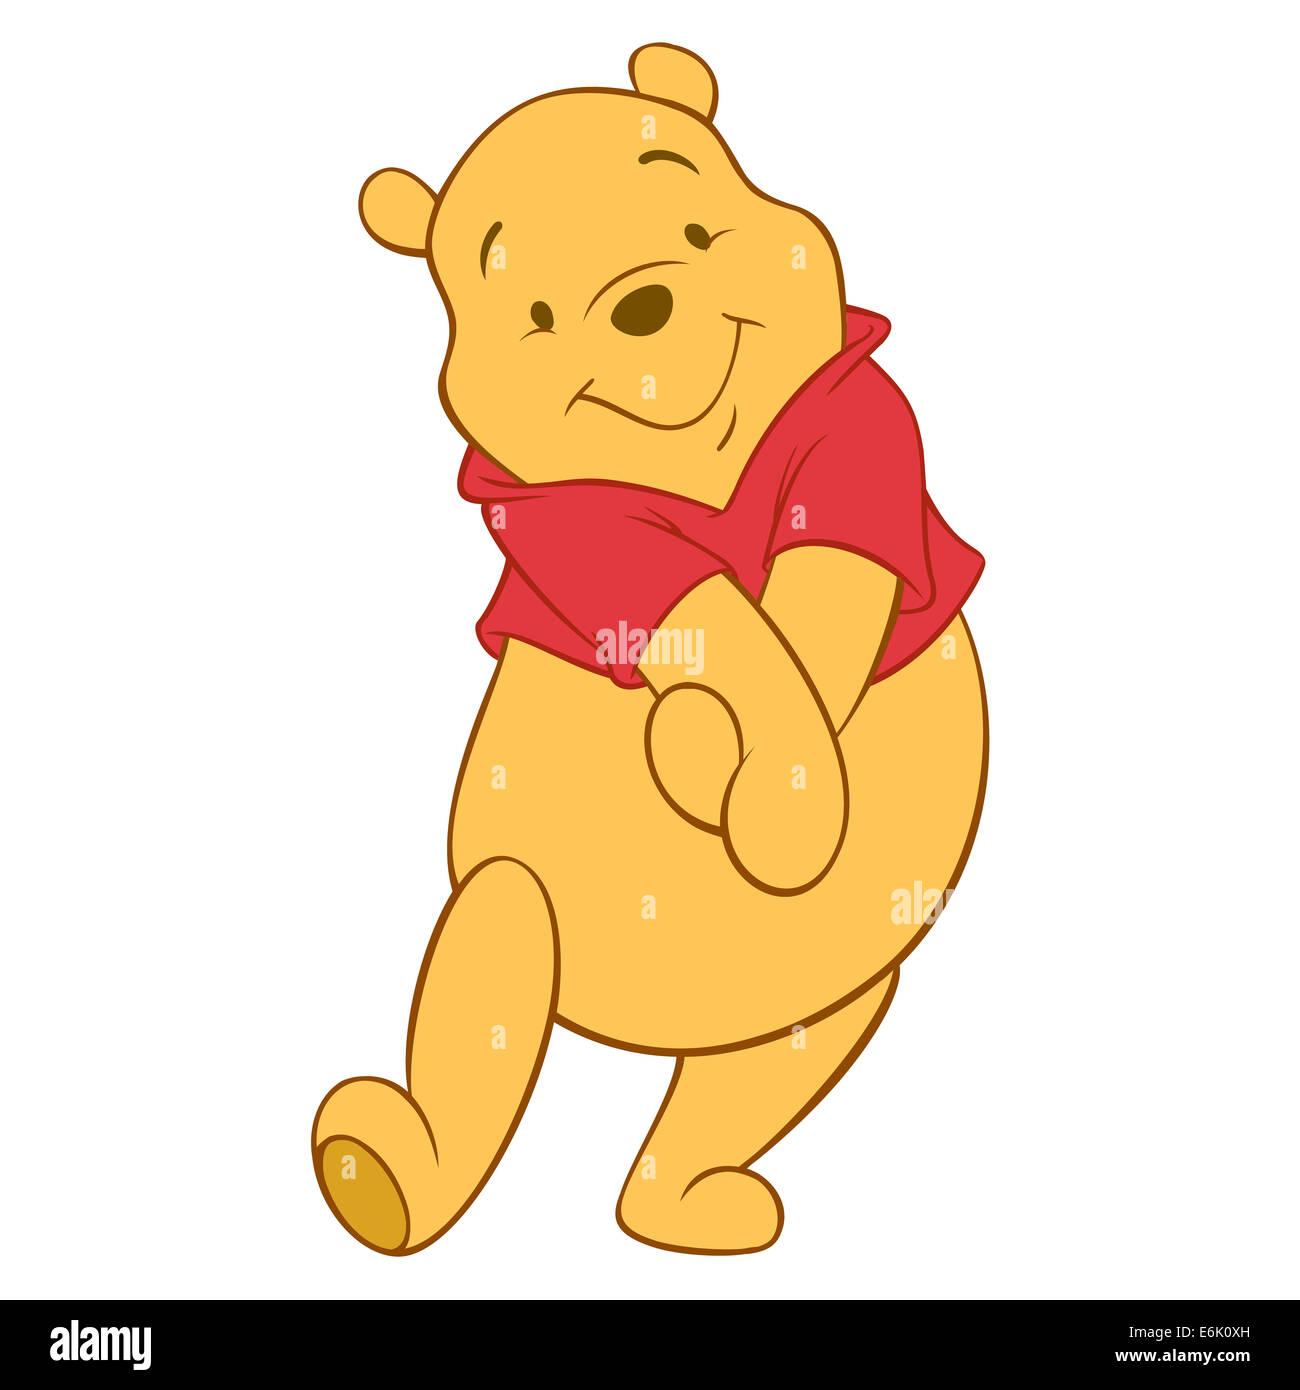 Winnie The pooh Stockbild